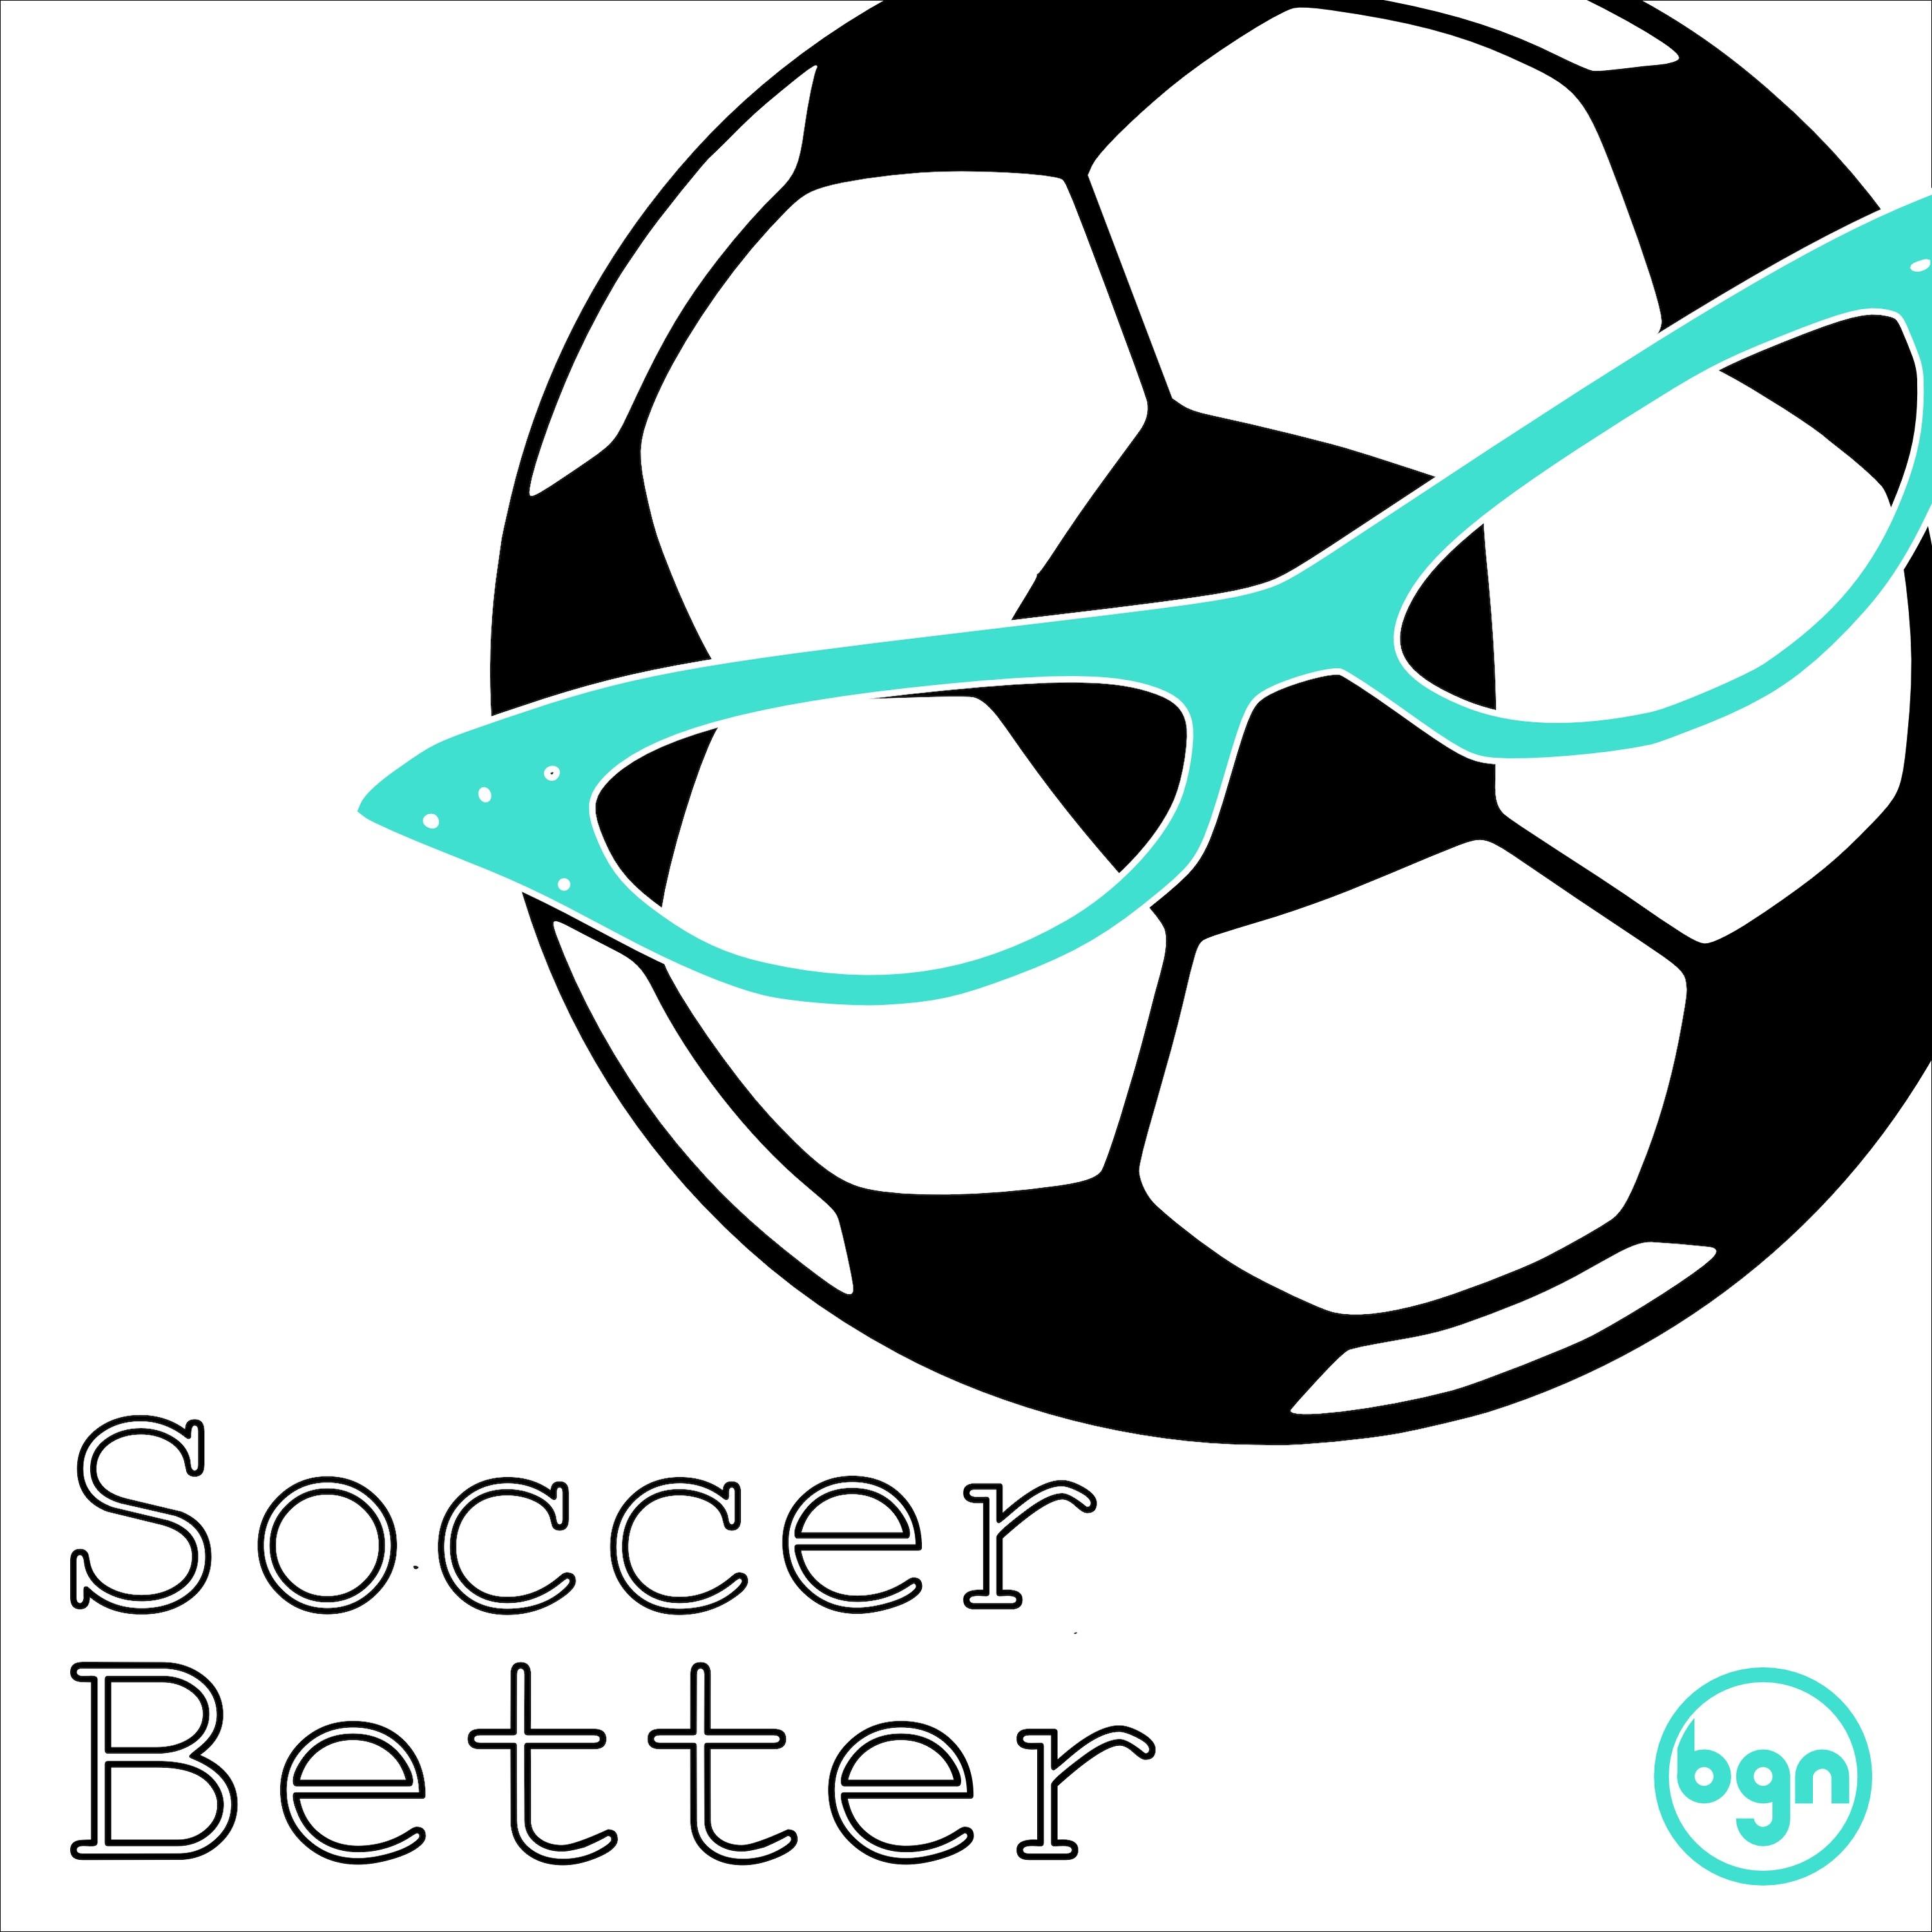 Soccer Better